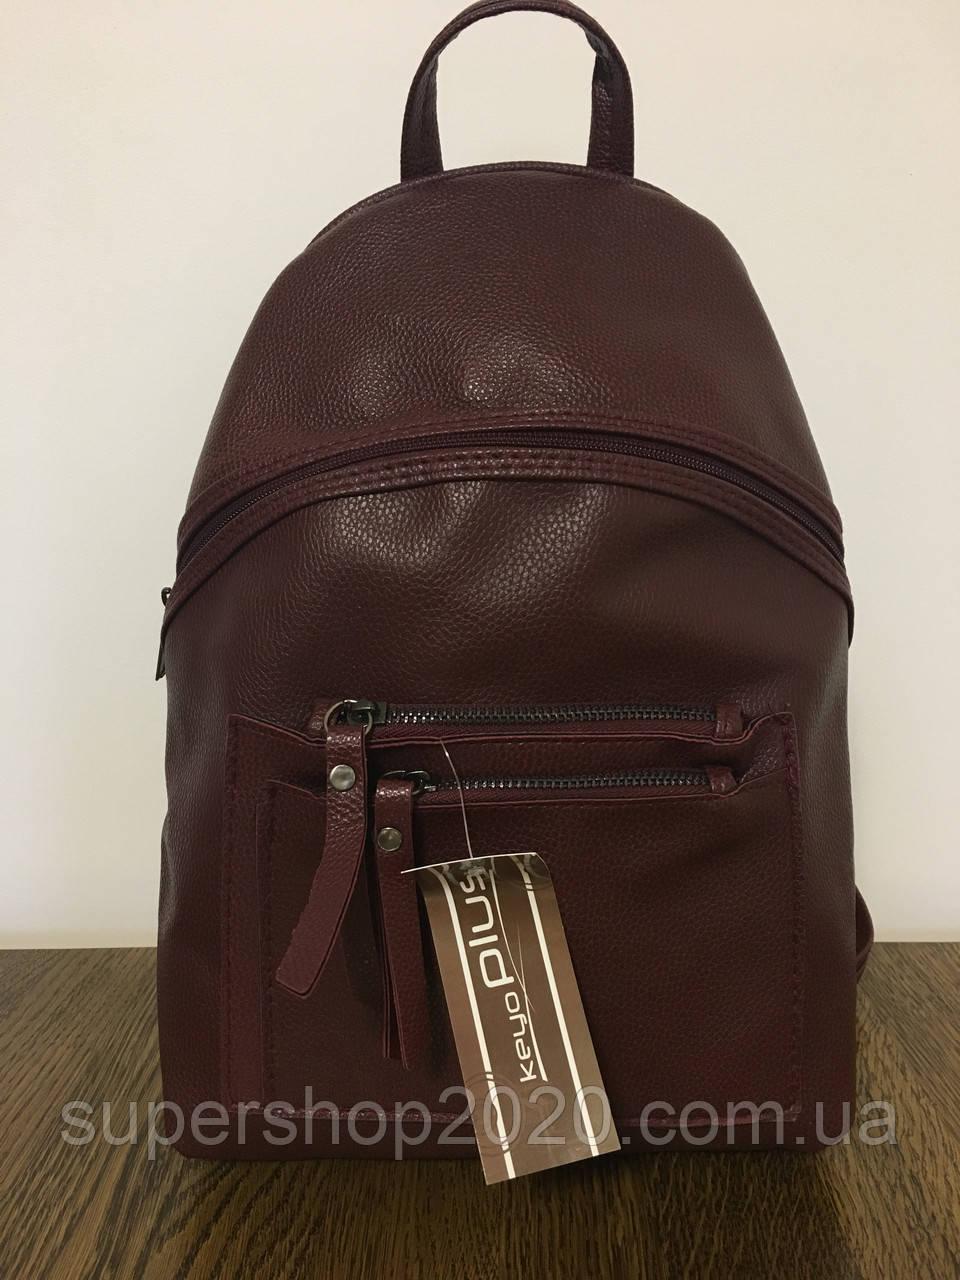 Жіночий рюкзак міський Toddy